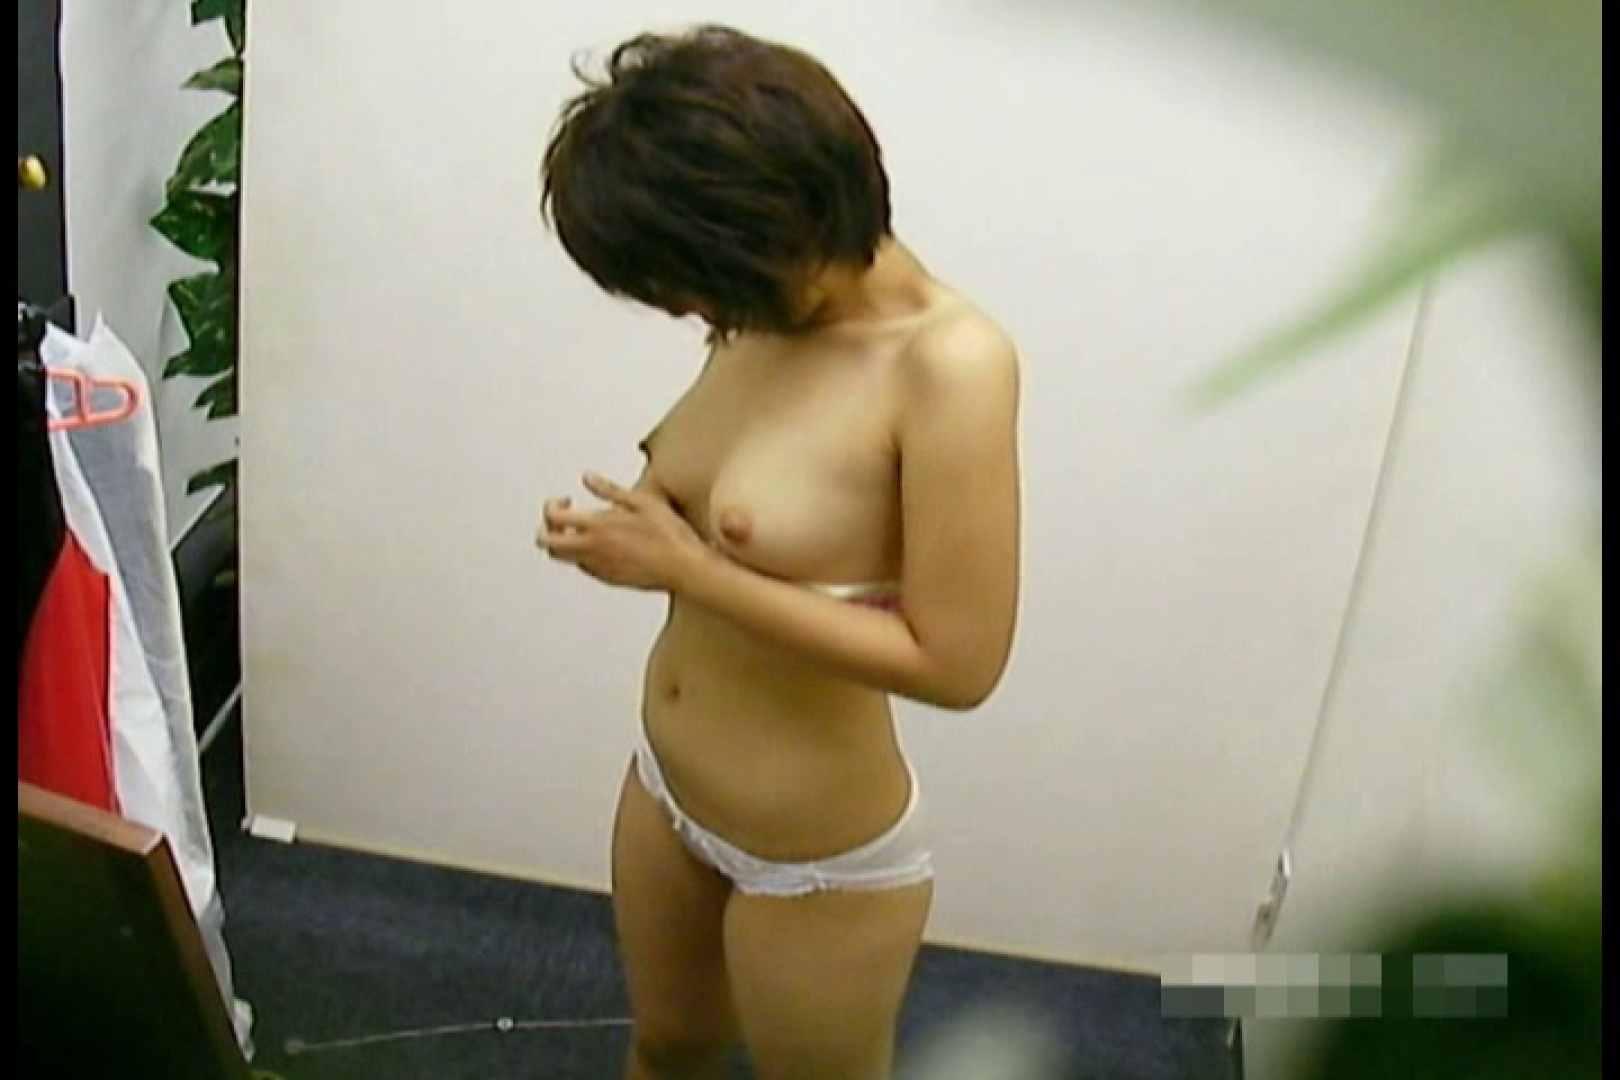 素人撮影 下着だけの撮影のはずが・・・エミちゃん18歳 モロだしオマンコ 盗み撮り動画キャプチャ 90pic 57